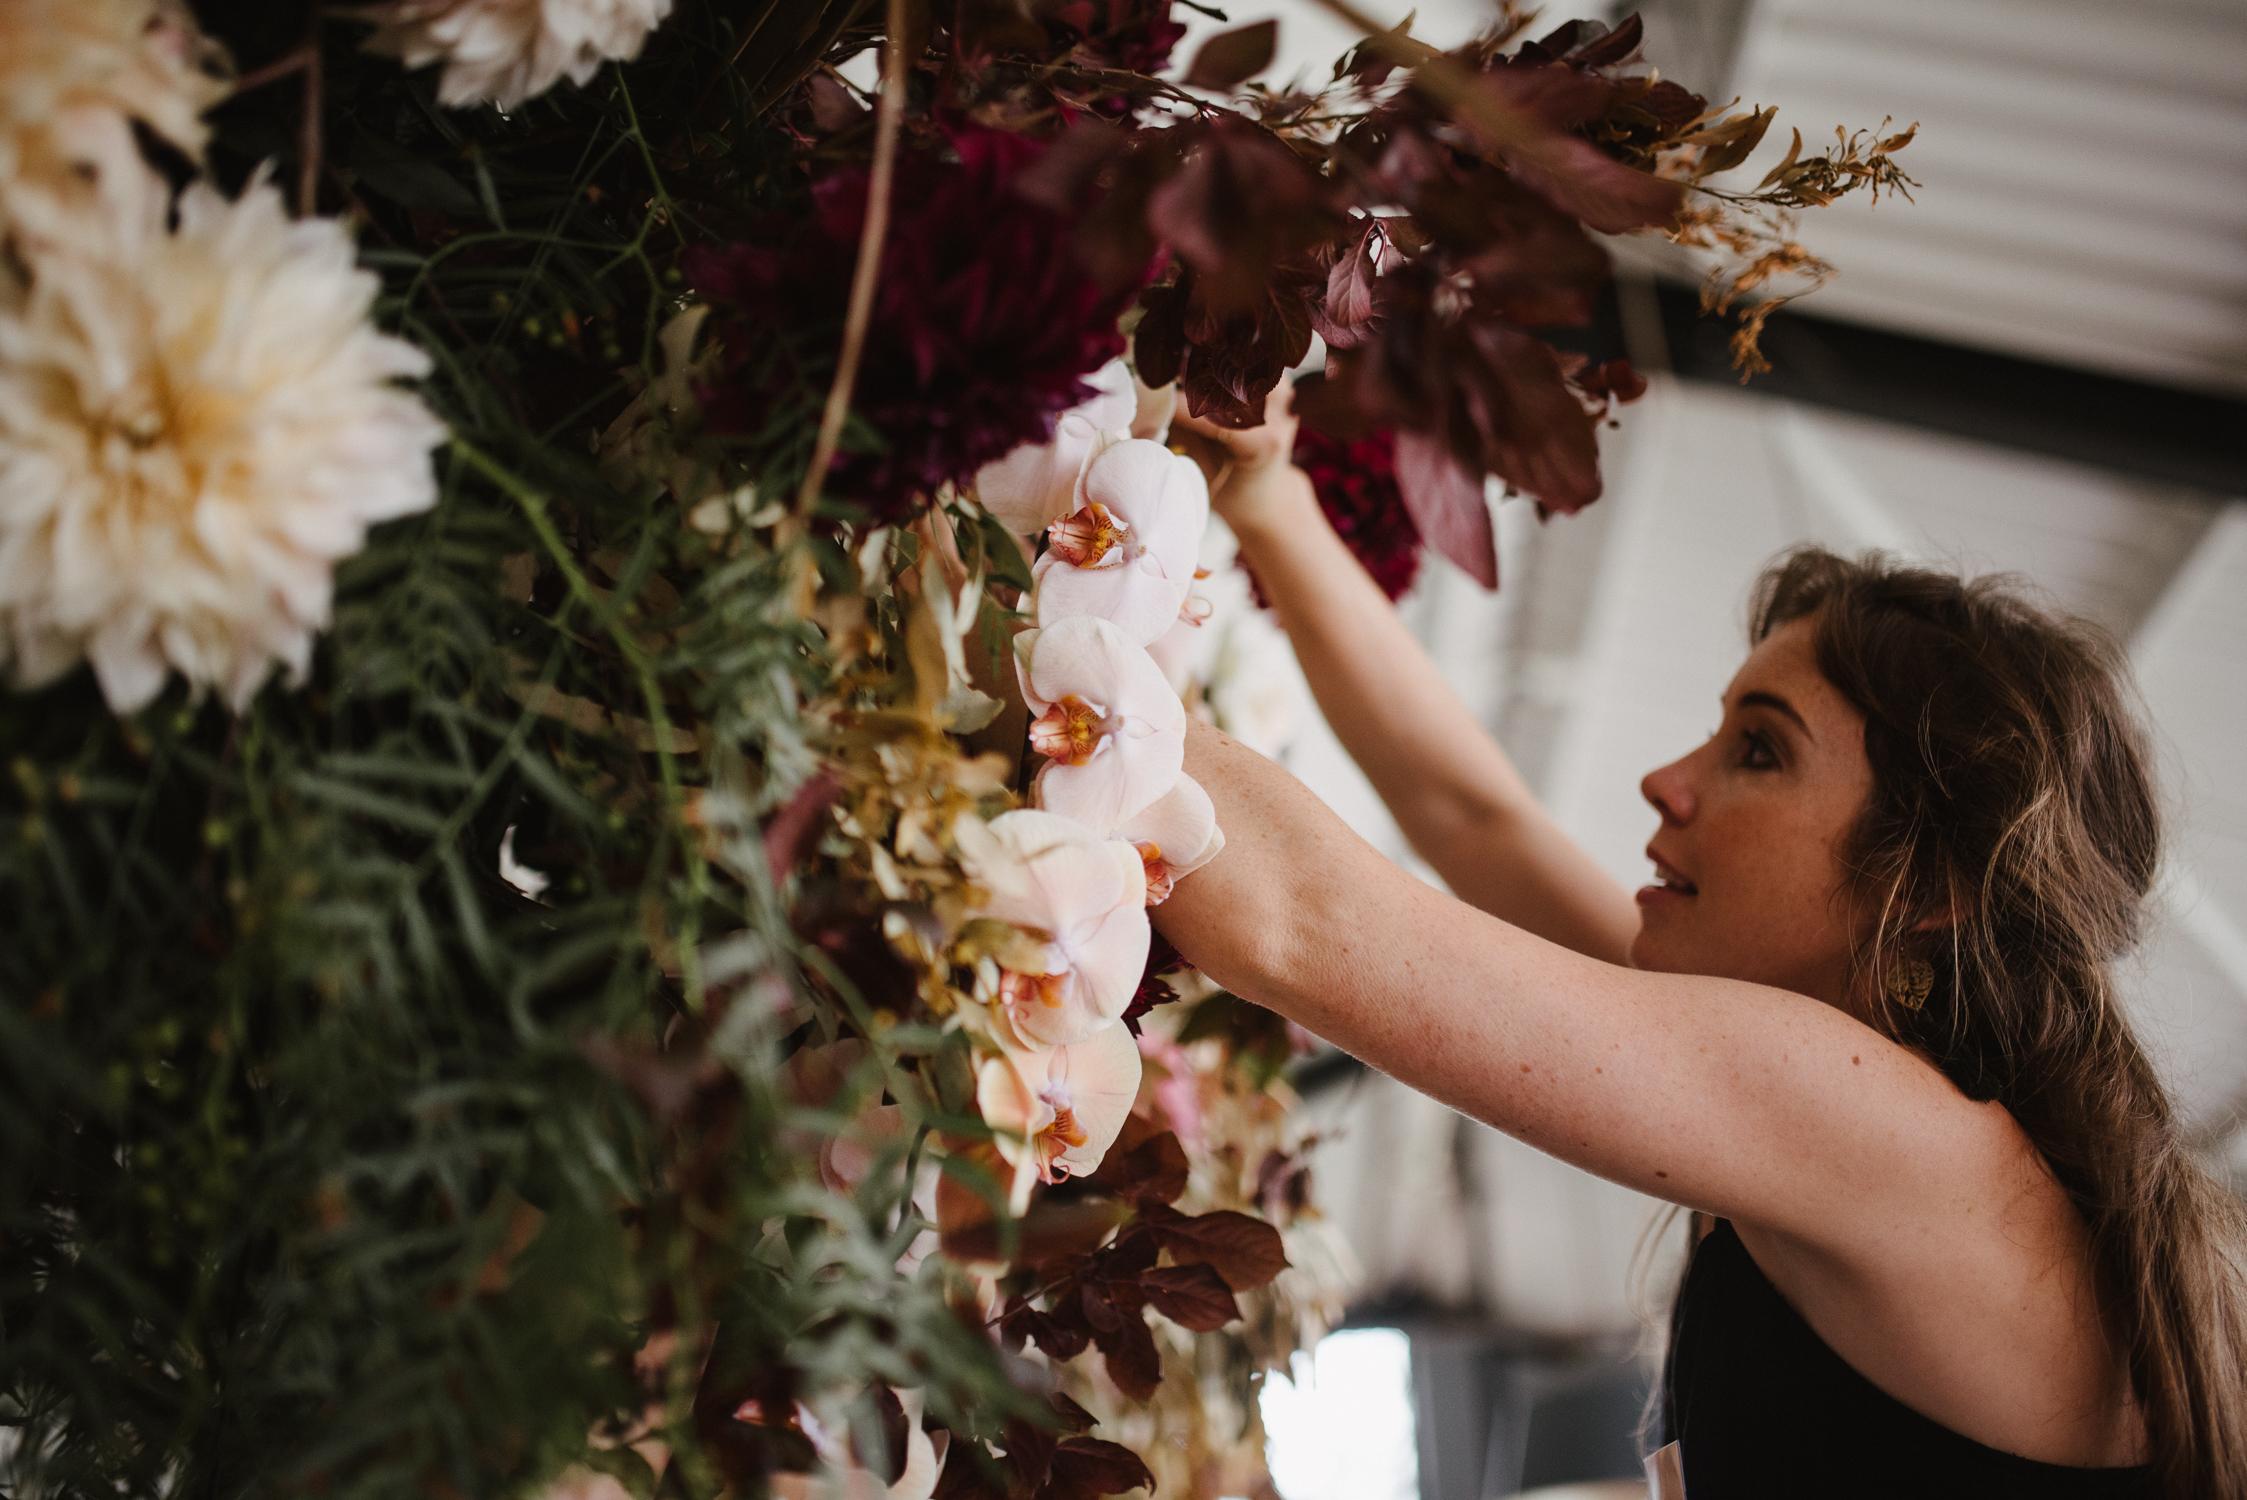 Flower arranging workshops south africa 18